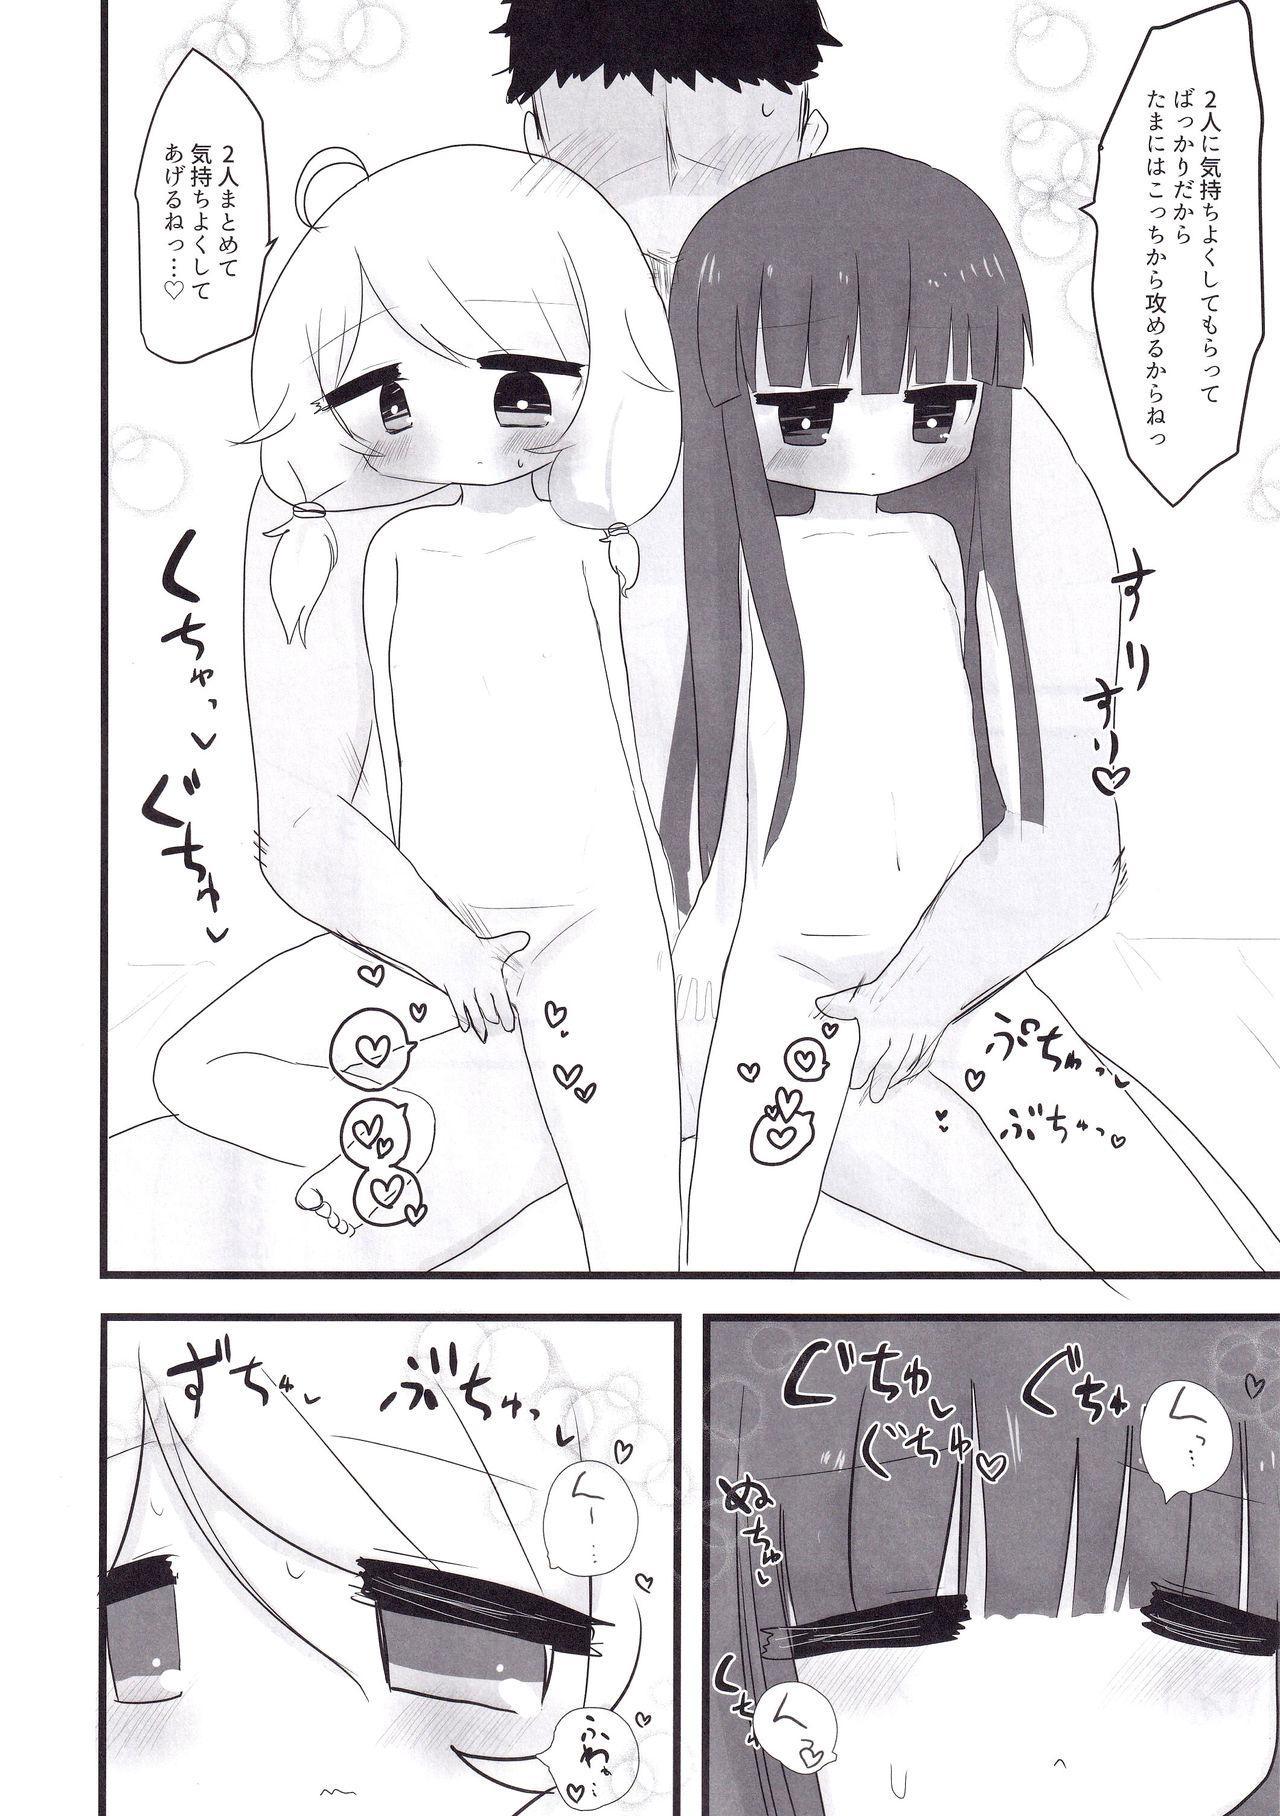 Yukimi to Kozue to Lolicon P to 22